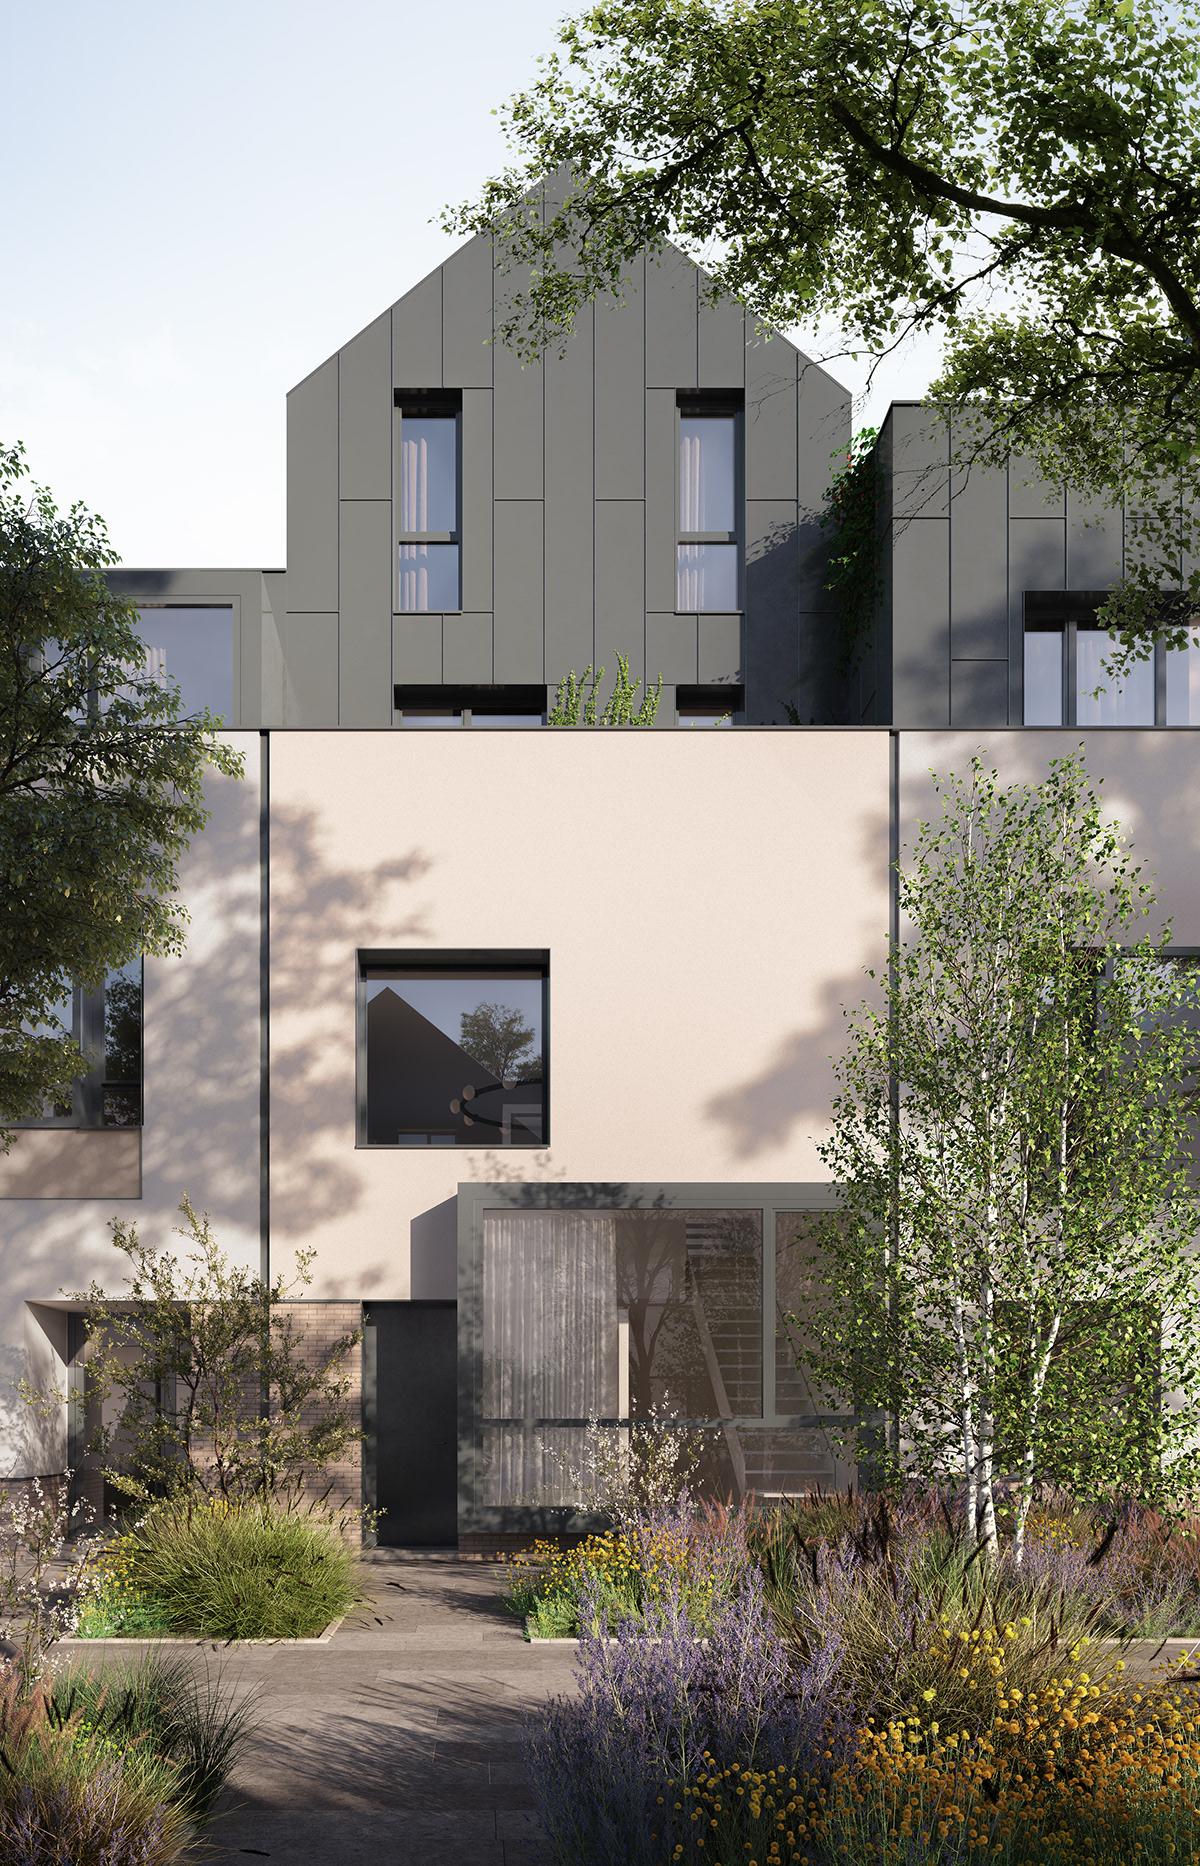 3D architecture archviz CGI design exterior Interior rendering visuals vray